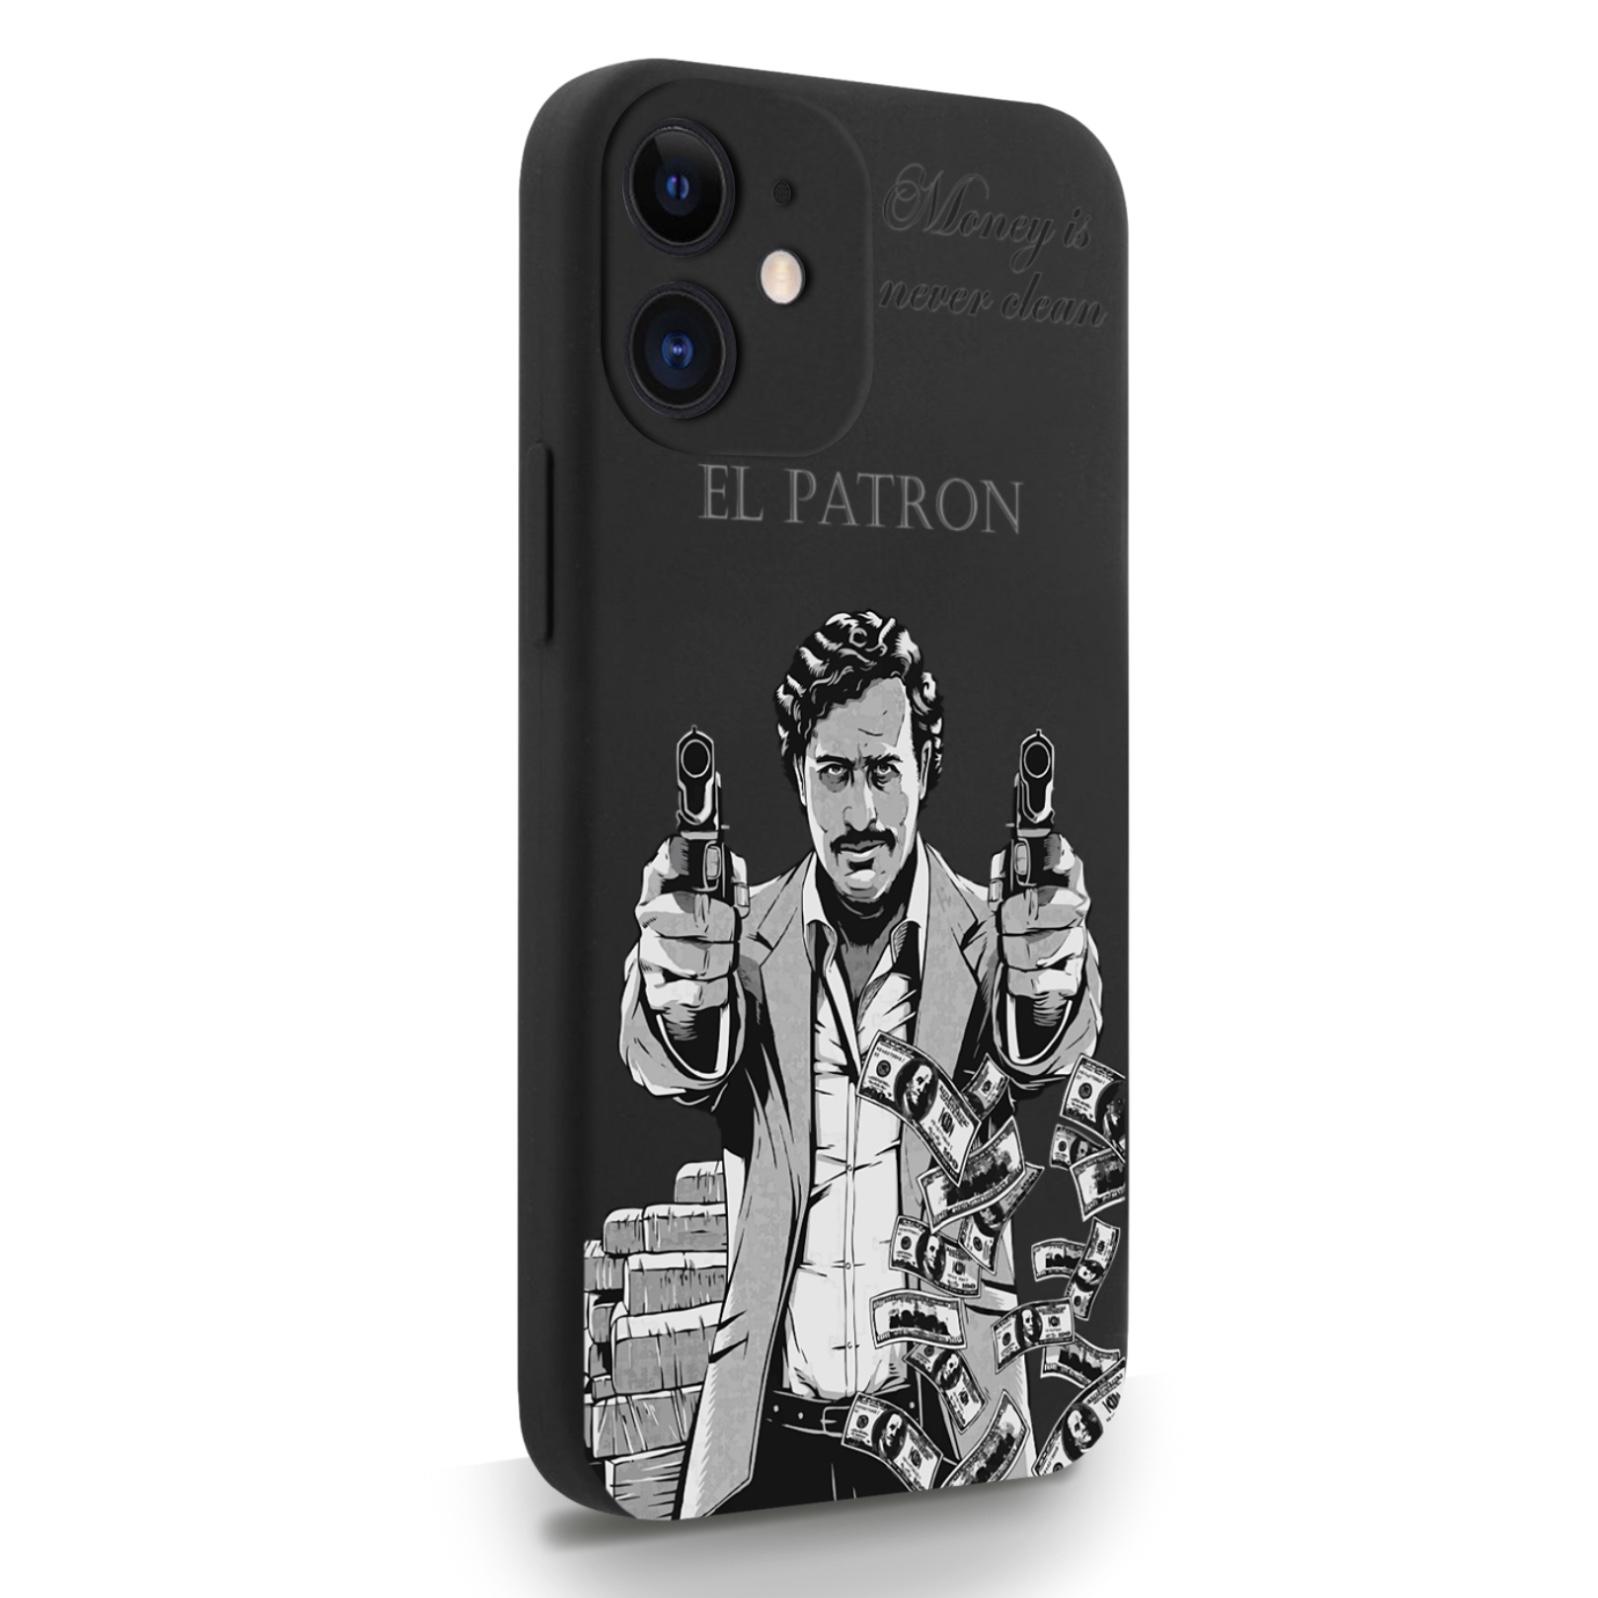 Черный силиконовый чехол для iPhone 12 Mini El Patron Pablo Escobar/ Пабло Эскобар для Айфон 12 Мини